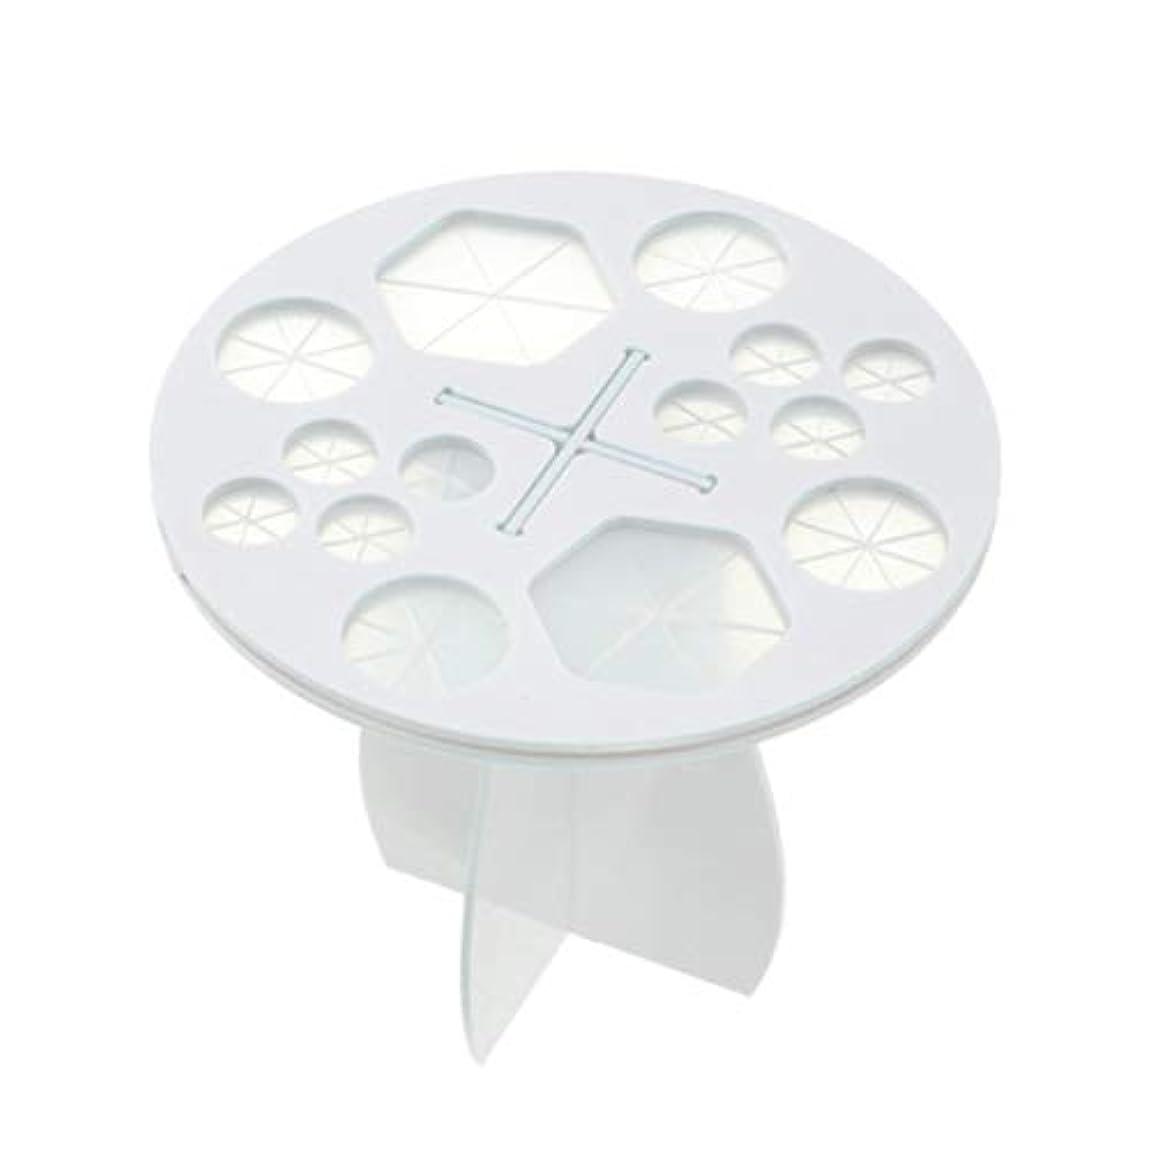 どっちホラーおばあさんFrcolor メイクブラシホルダー 化粧ブラシスタンド 化粧ブラシ干しラック 化粧筆収納 組み立て可能 14本収納可能(ホワイト)